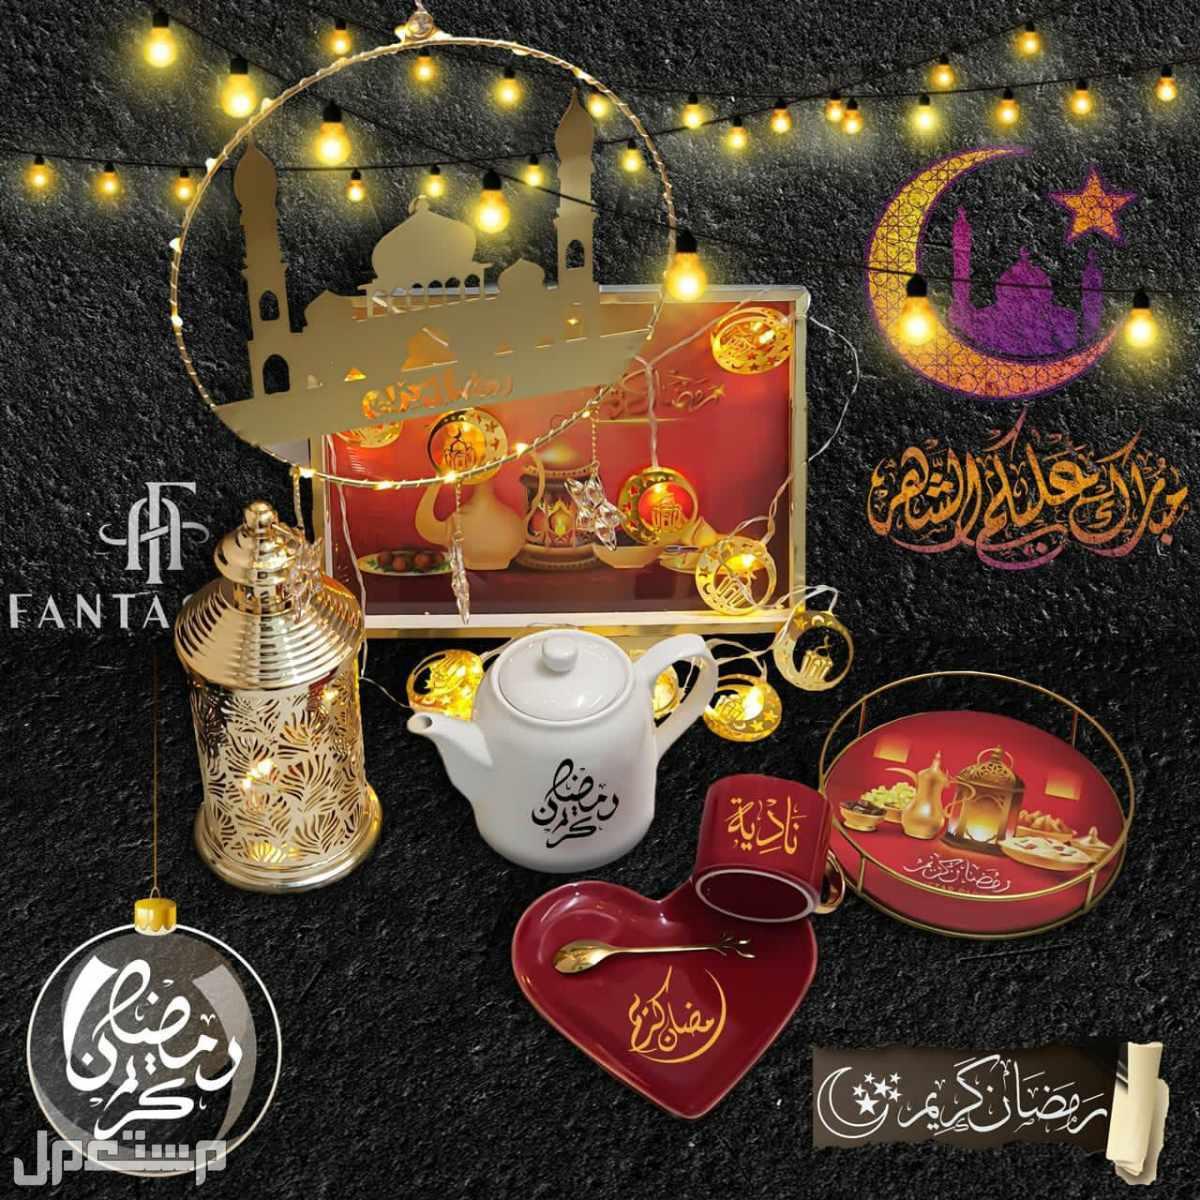 هدايا رمضانية مميزه #اهدي زوجتك واحبائك